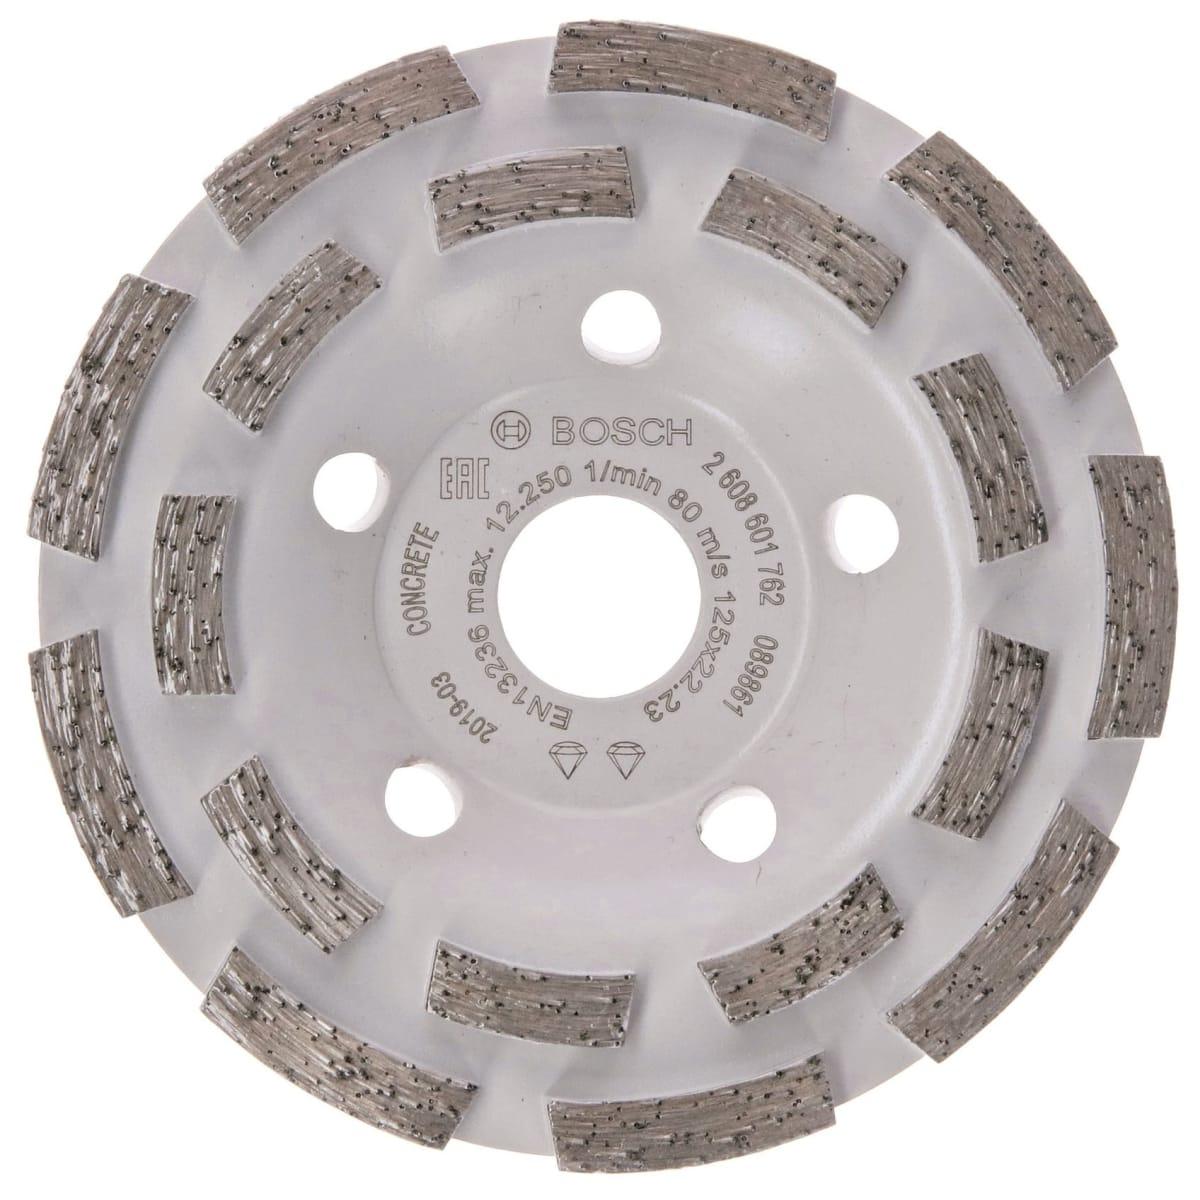 Чашка по бетону купить в леруа мерлен купить бетон и арматуру спб